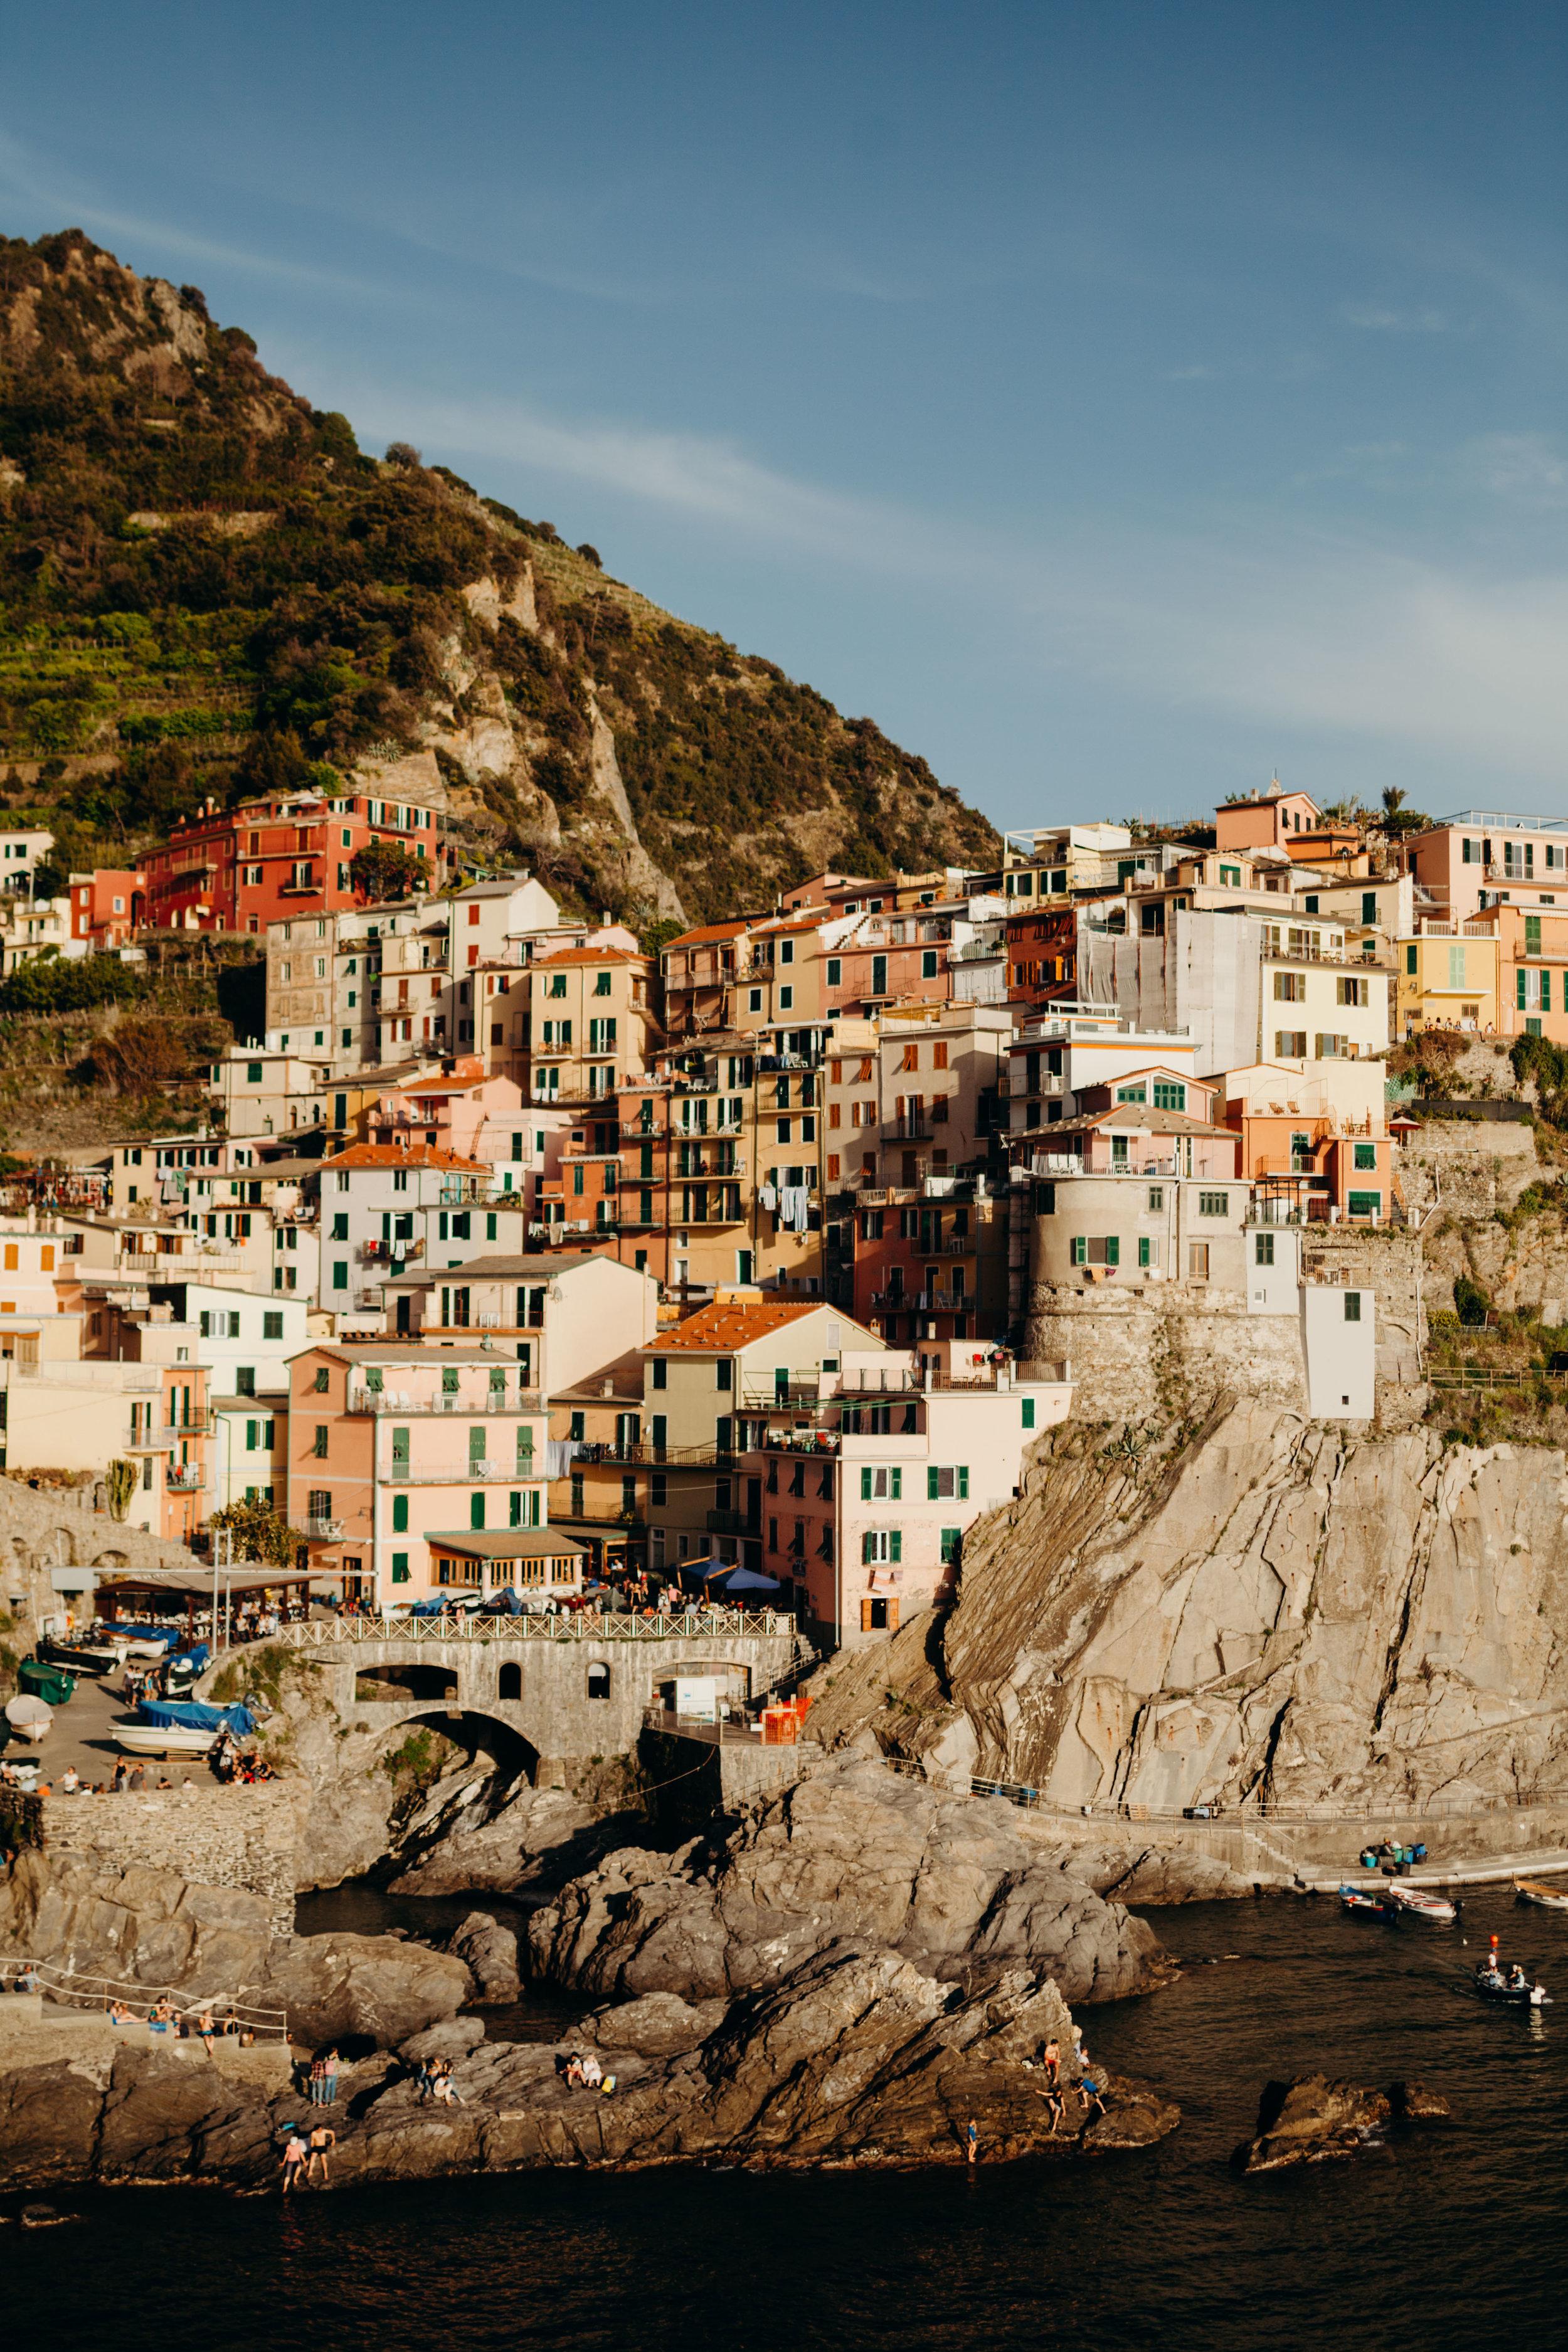 ITALIA-6449.jpg